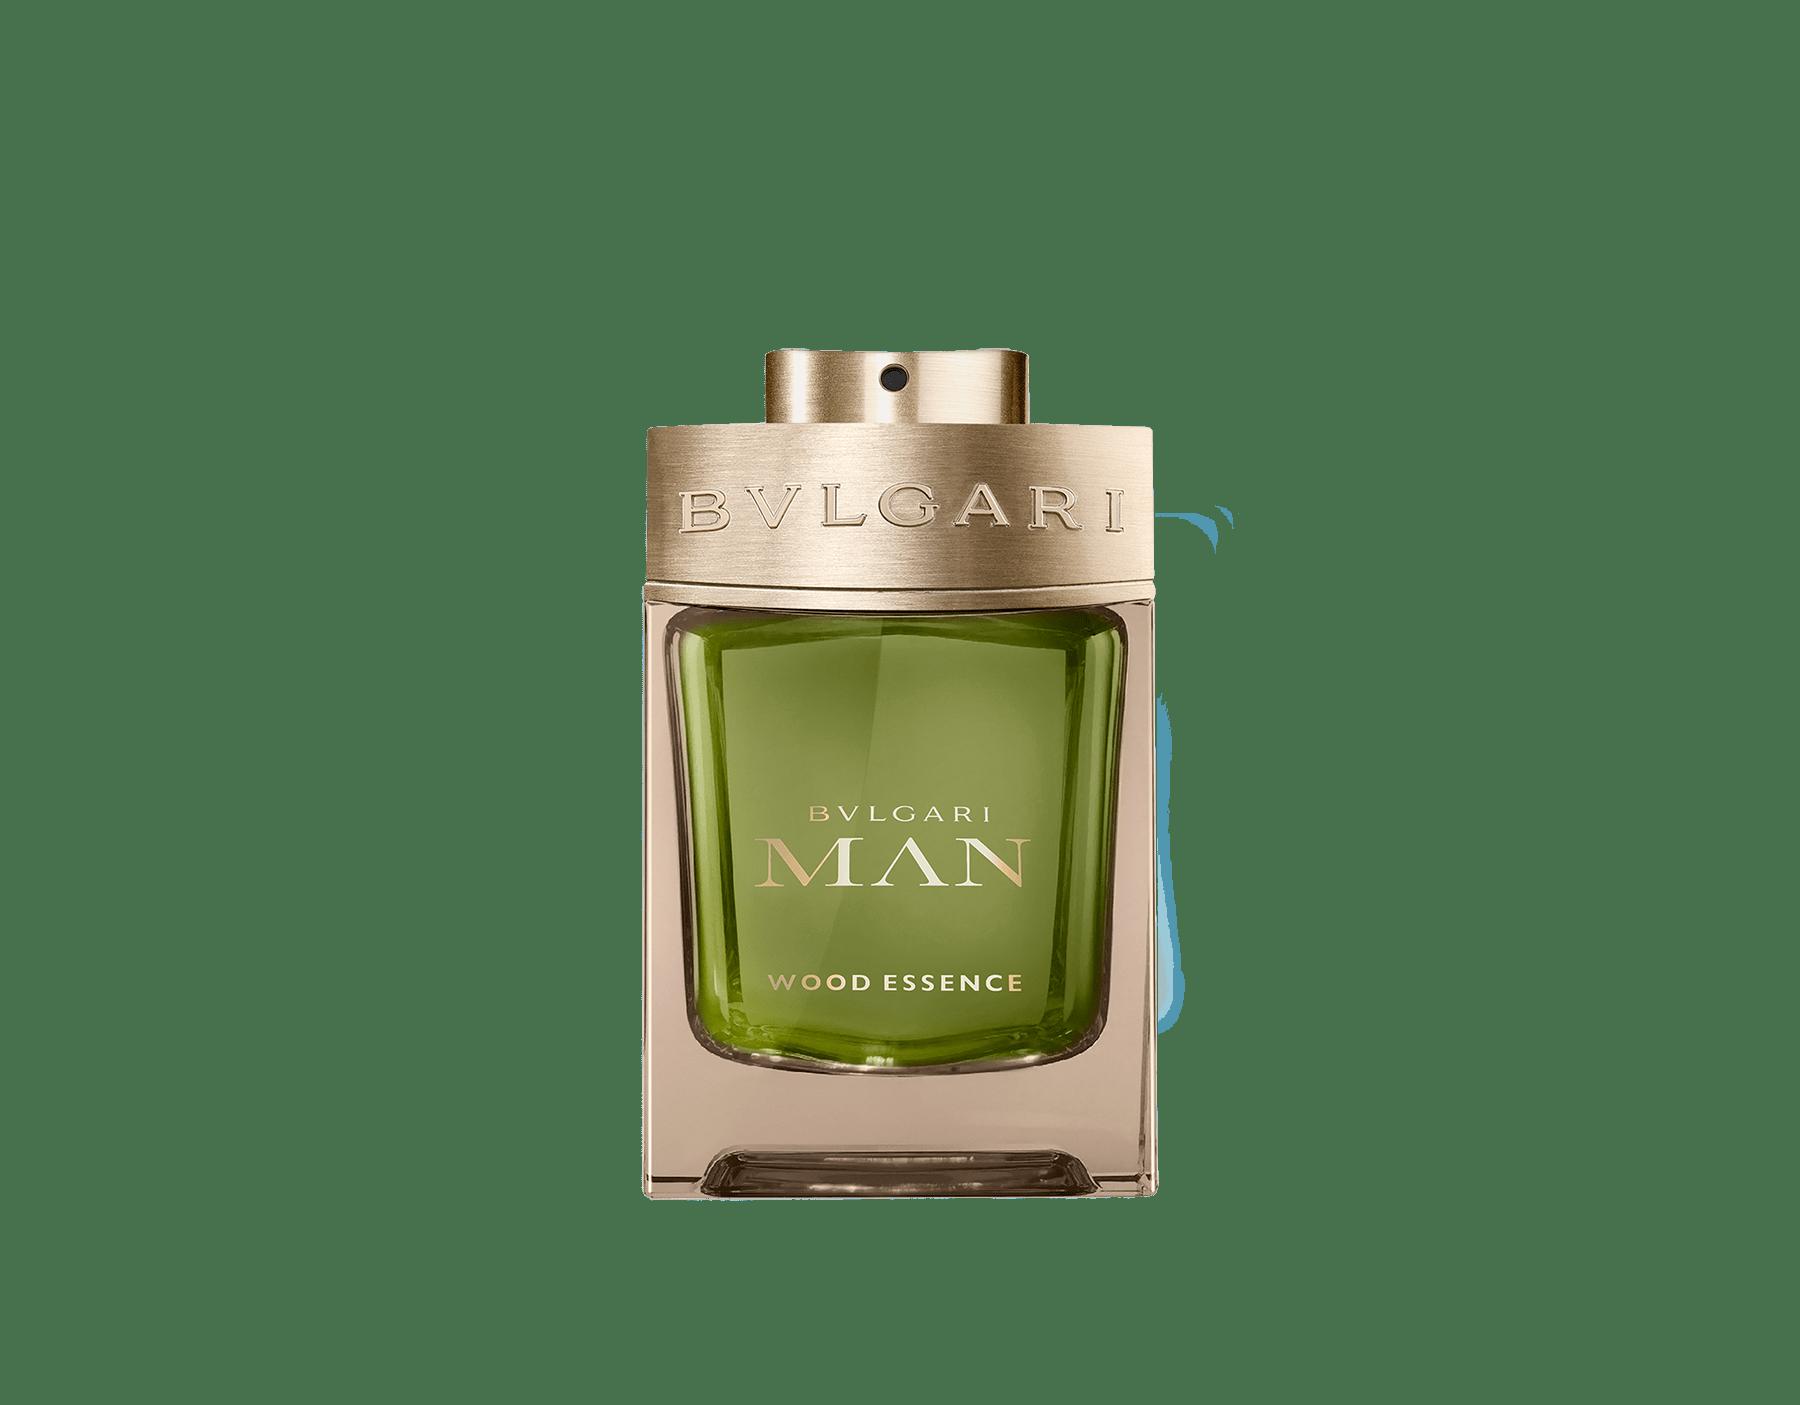 採用上等香料新木質香氛,包括香柏、柏木和香根草,並與溫暖和煦的安息香脂產生共鳴。 46101 image 1